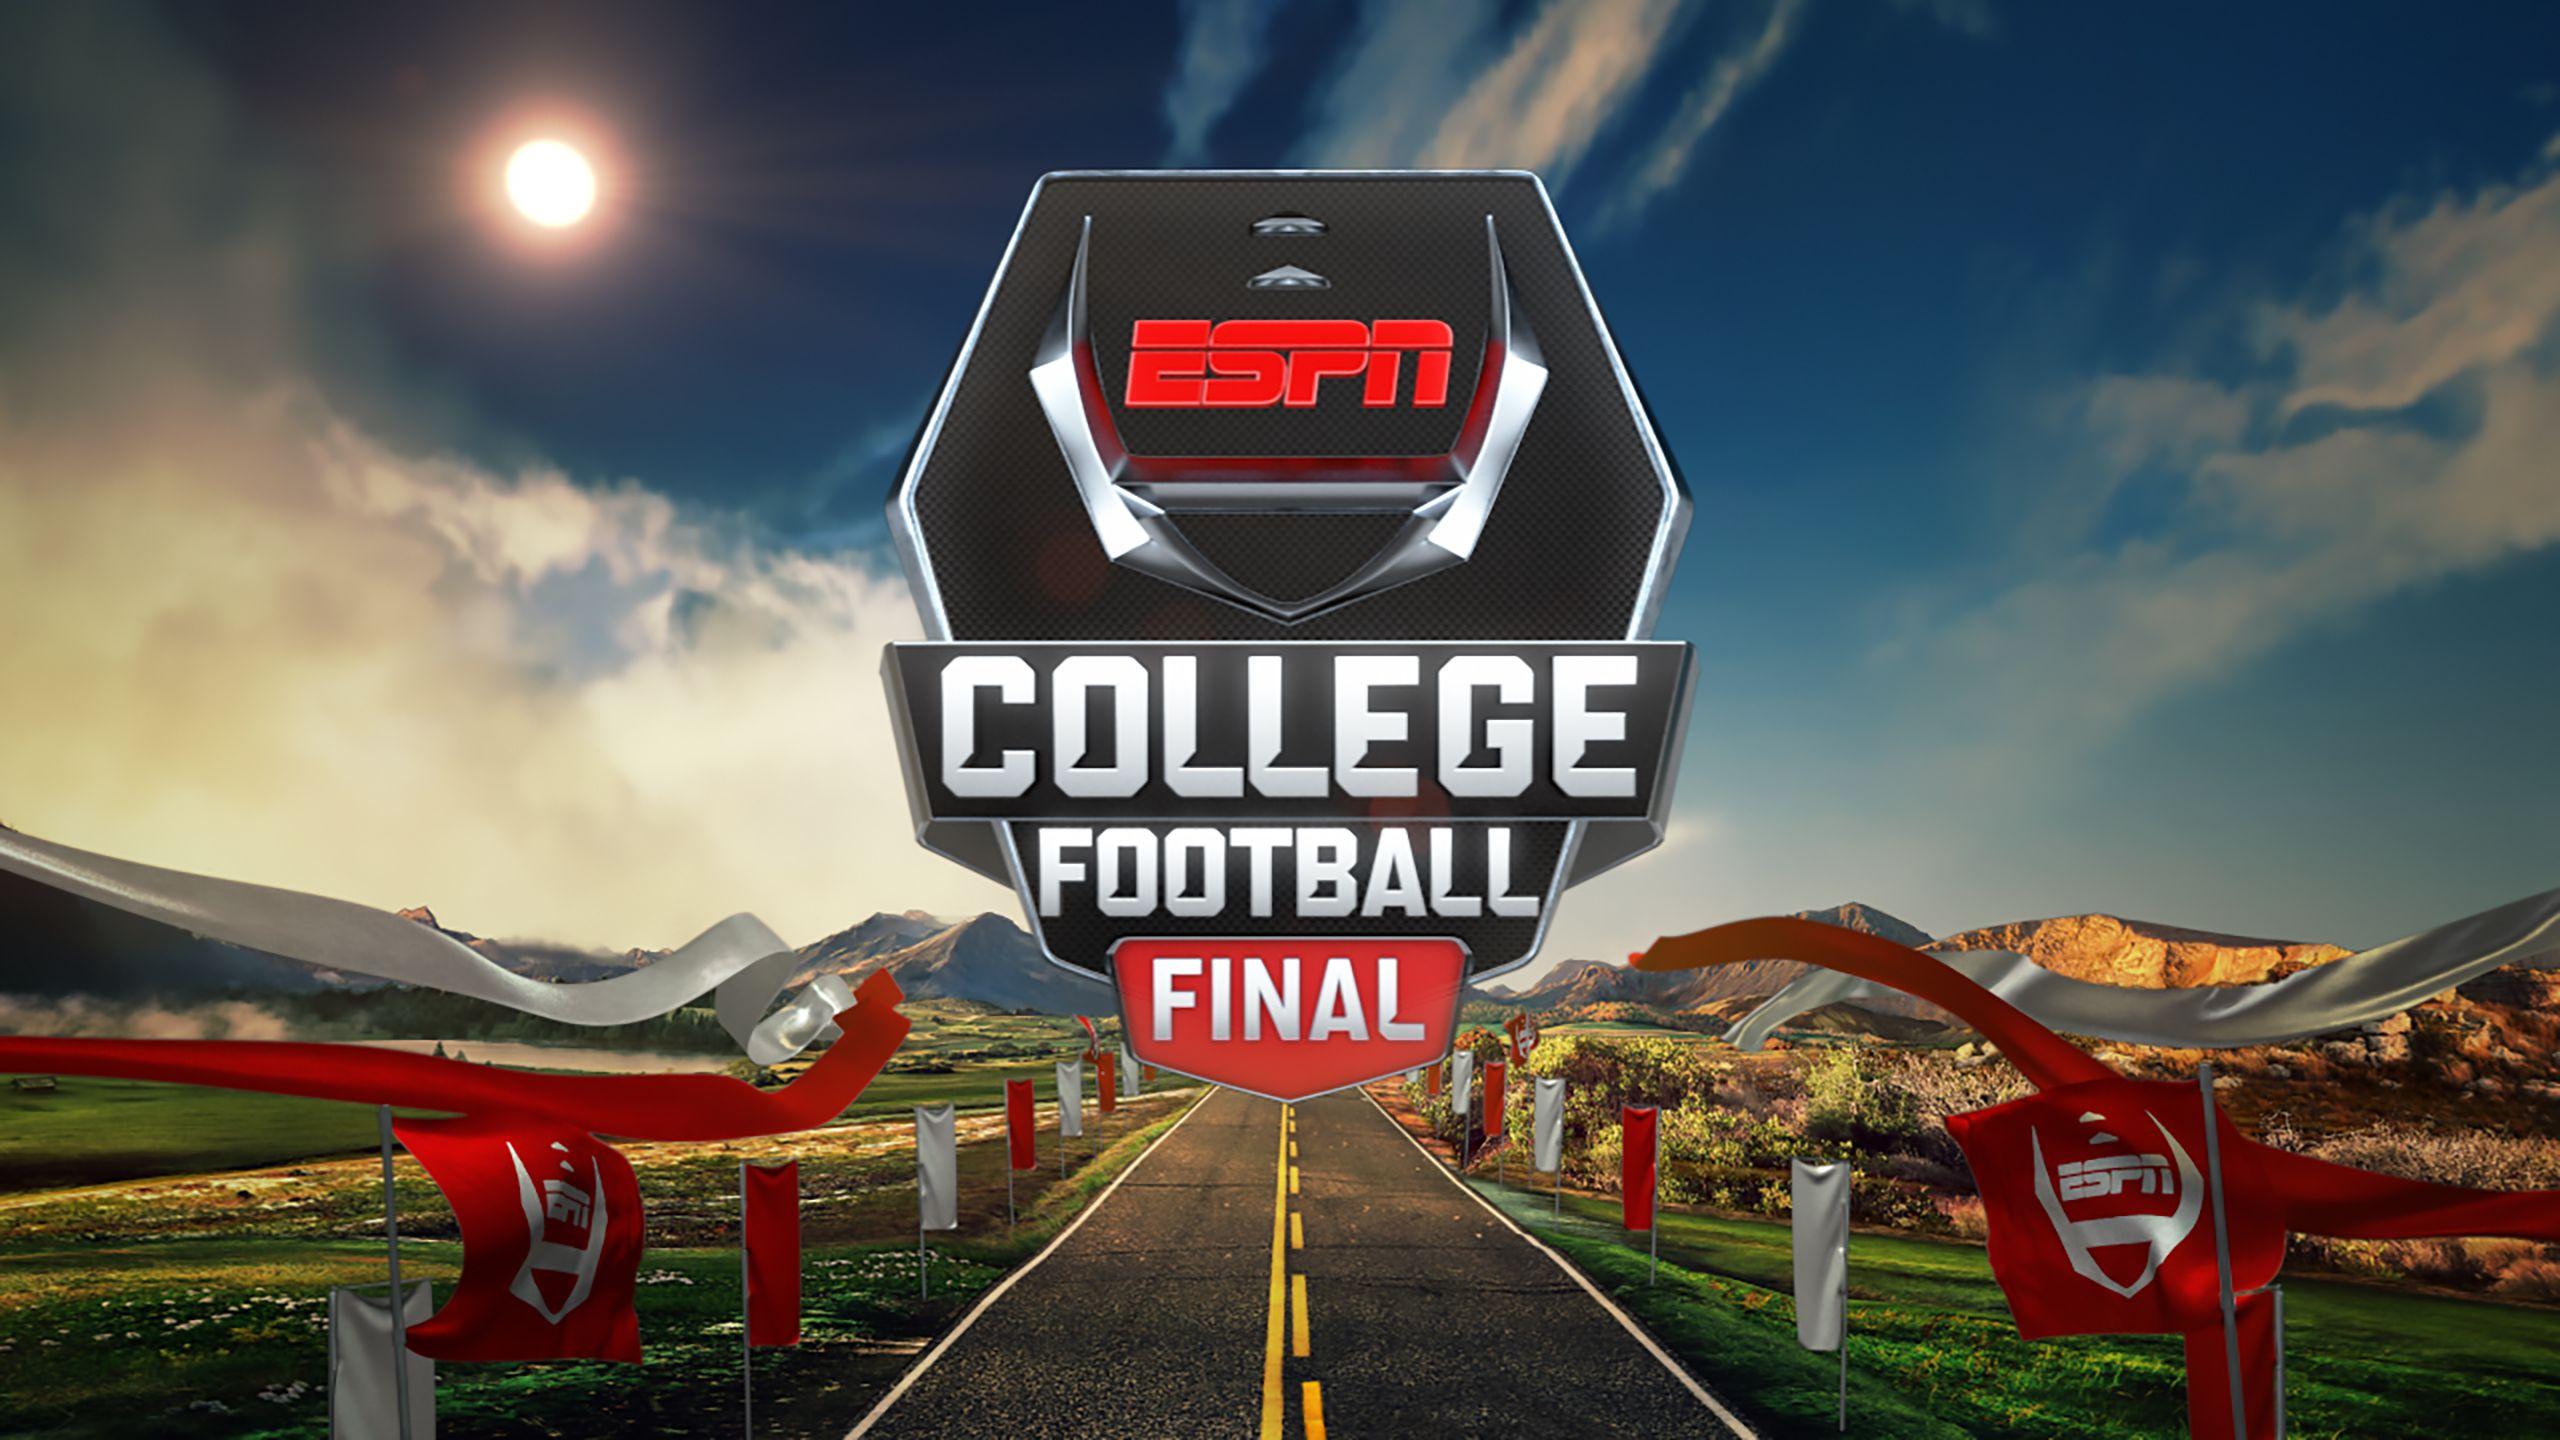 Sun, 10/22 - College Football Final